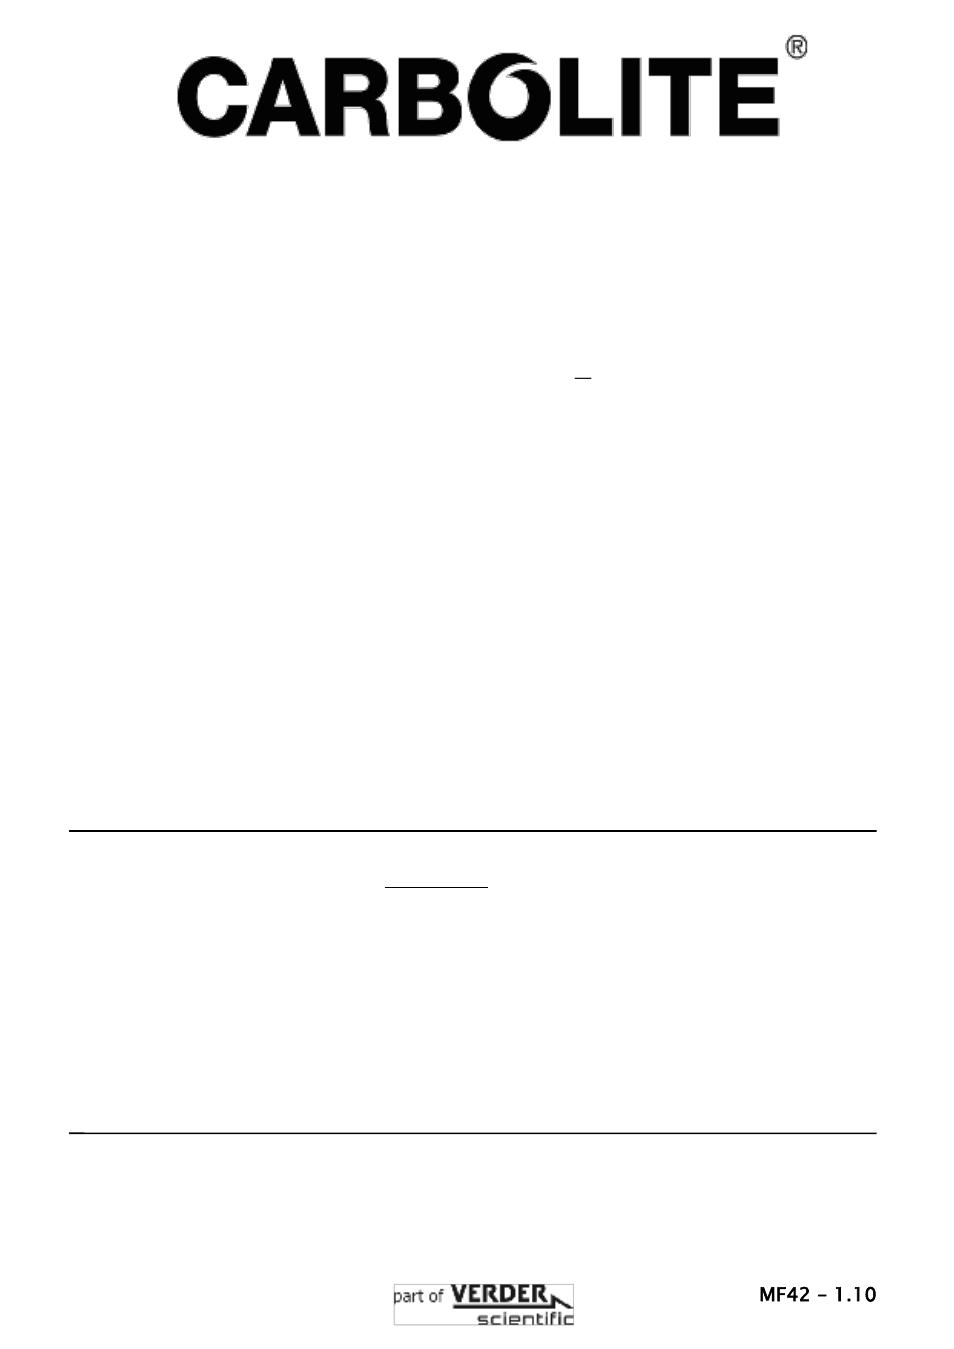 operator s manual 0 2 4 2 3 image collections diagram Haynes Manuals UK 2001 ford focus haynes repair manual pdf